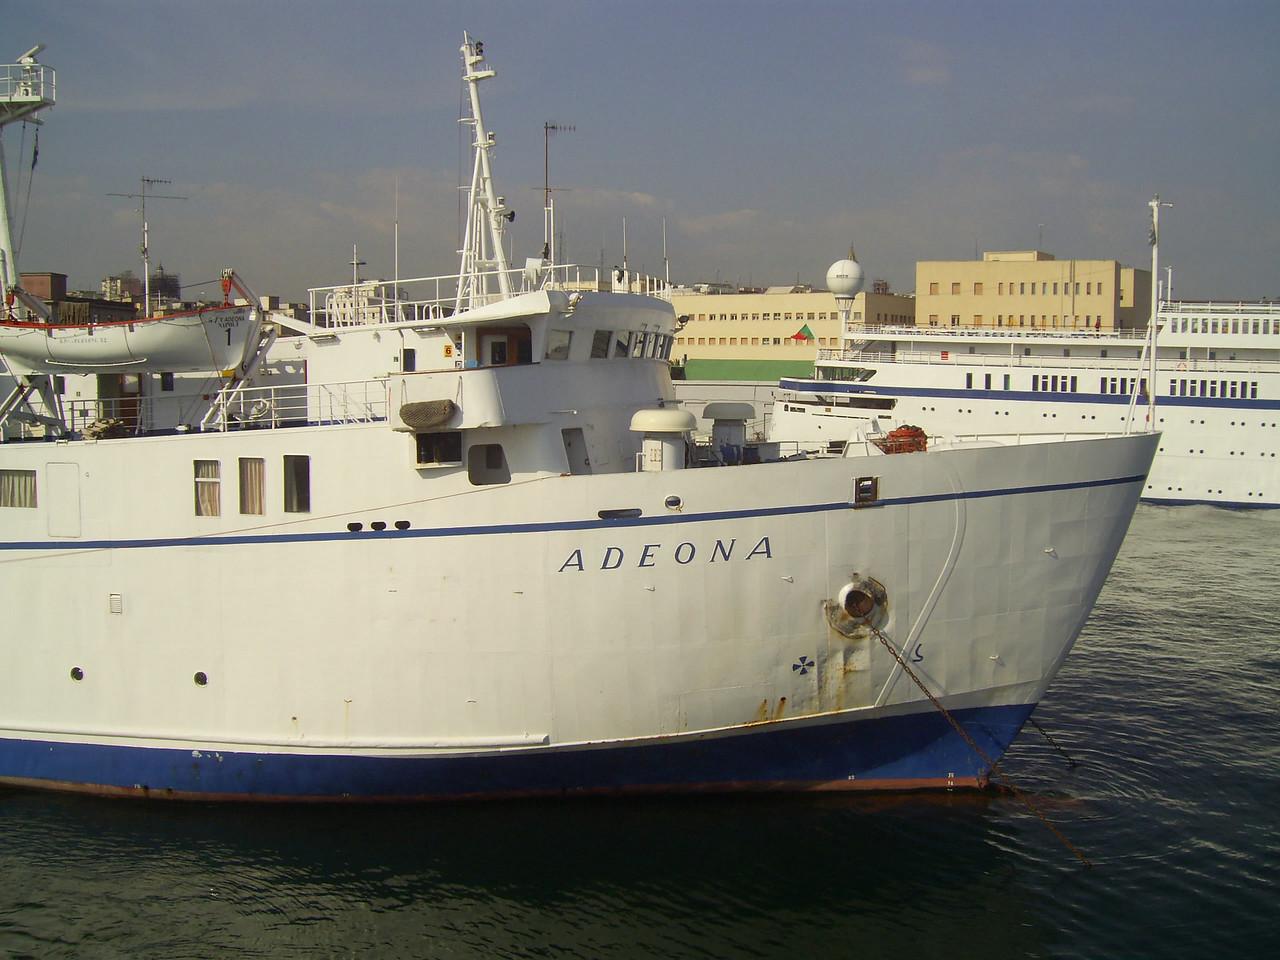 2008 - F/B ADEONA in Napoli.